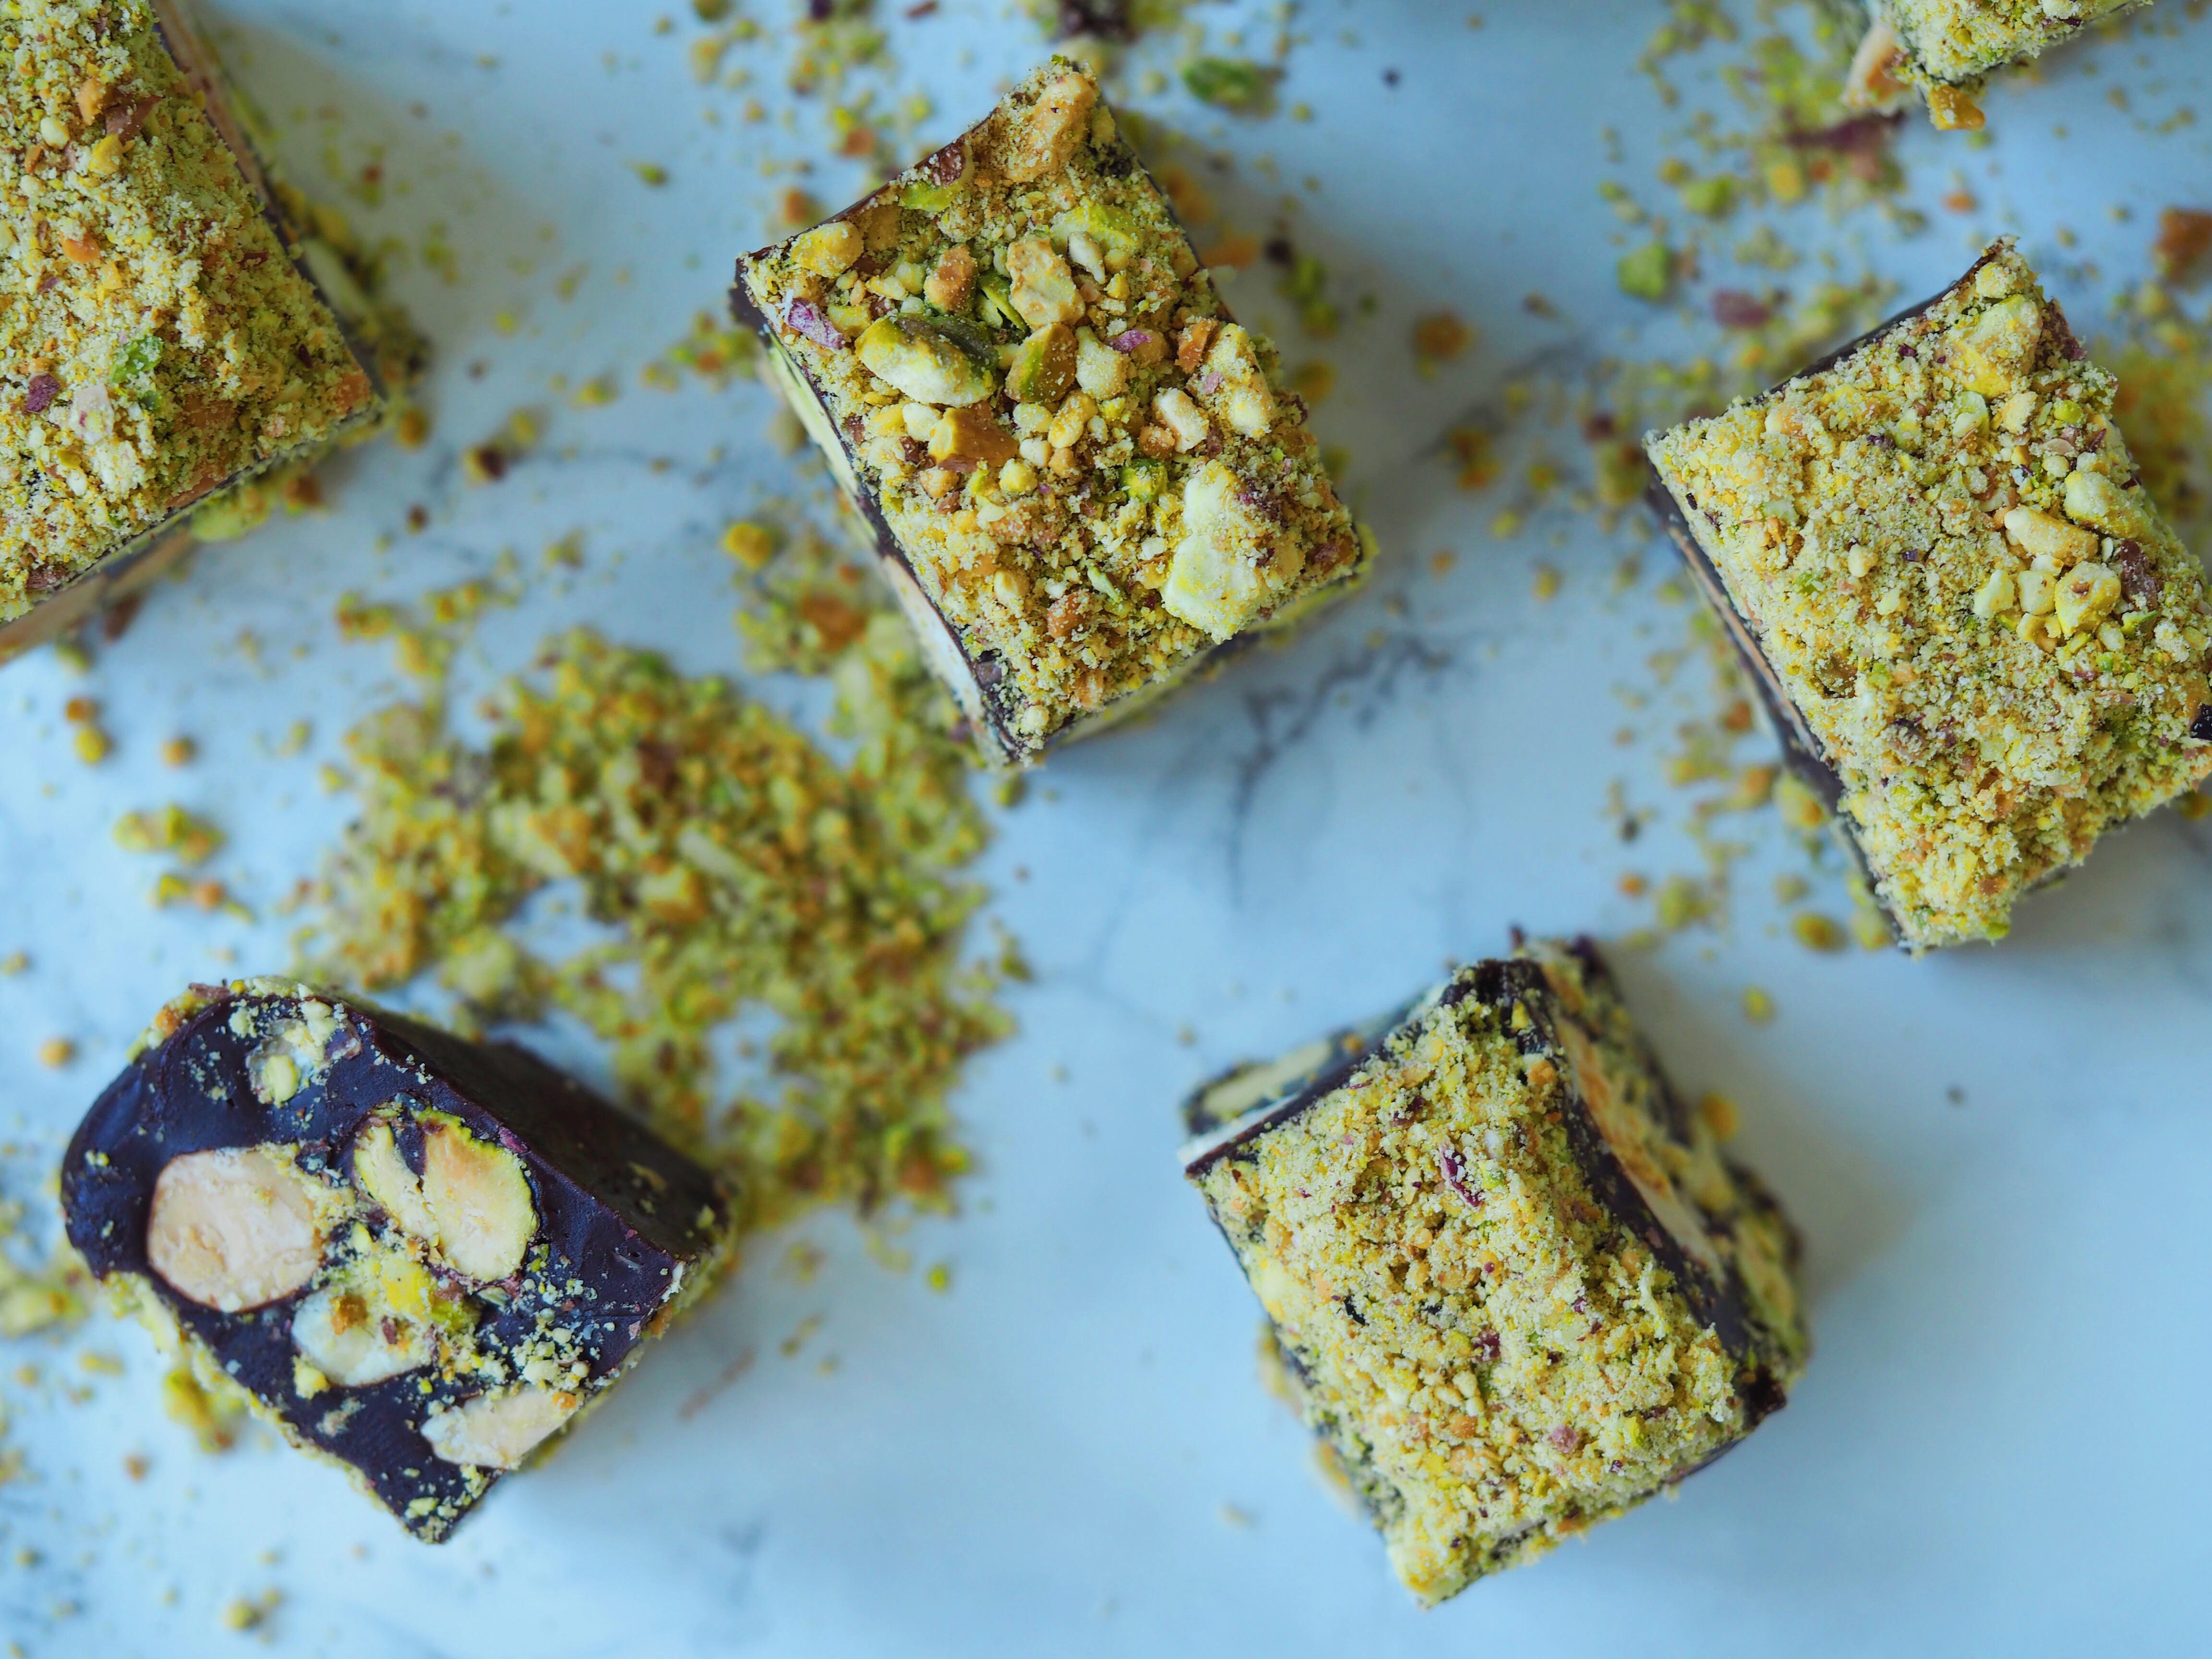 Pistacie Chokolade Karameller Nødder Mandler Sundhedsforbedret Sunde Sundere Lækre Snaskede Klistrede Bløde Søde Saltede Opskrift Blog Lækre Sundere